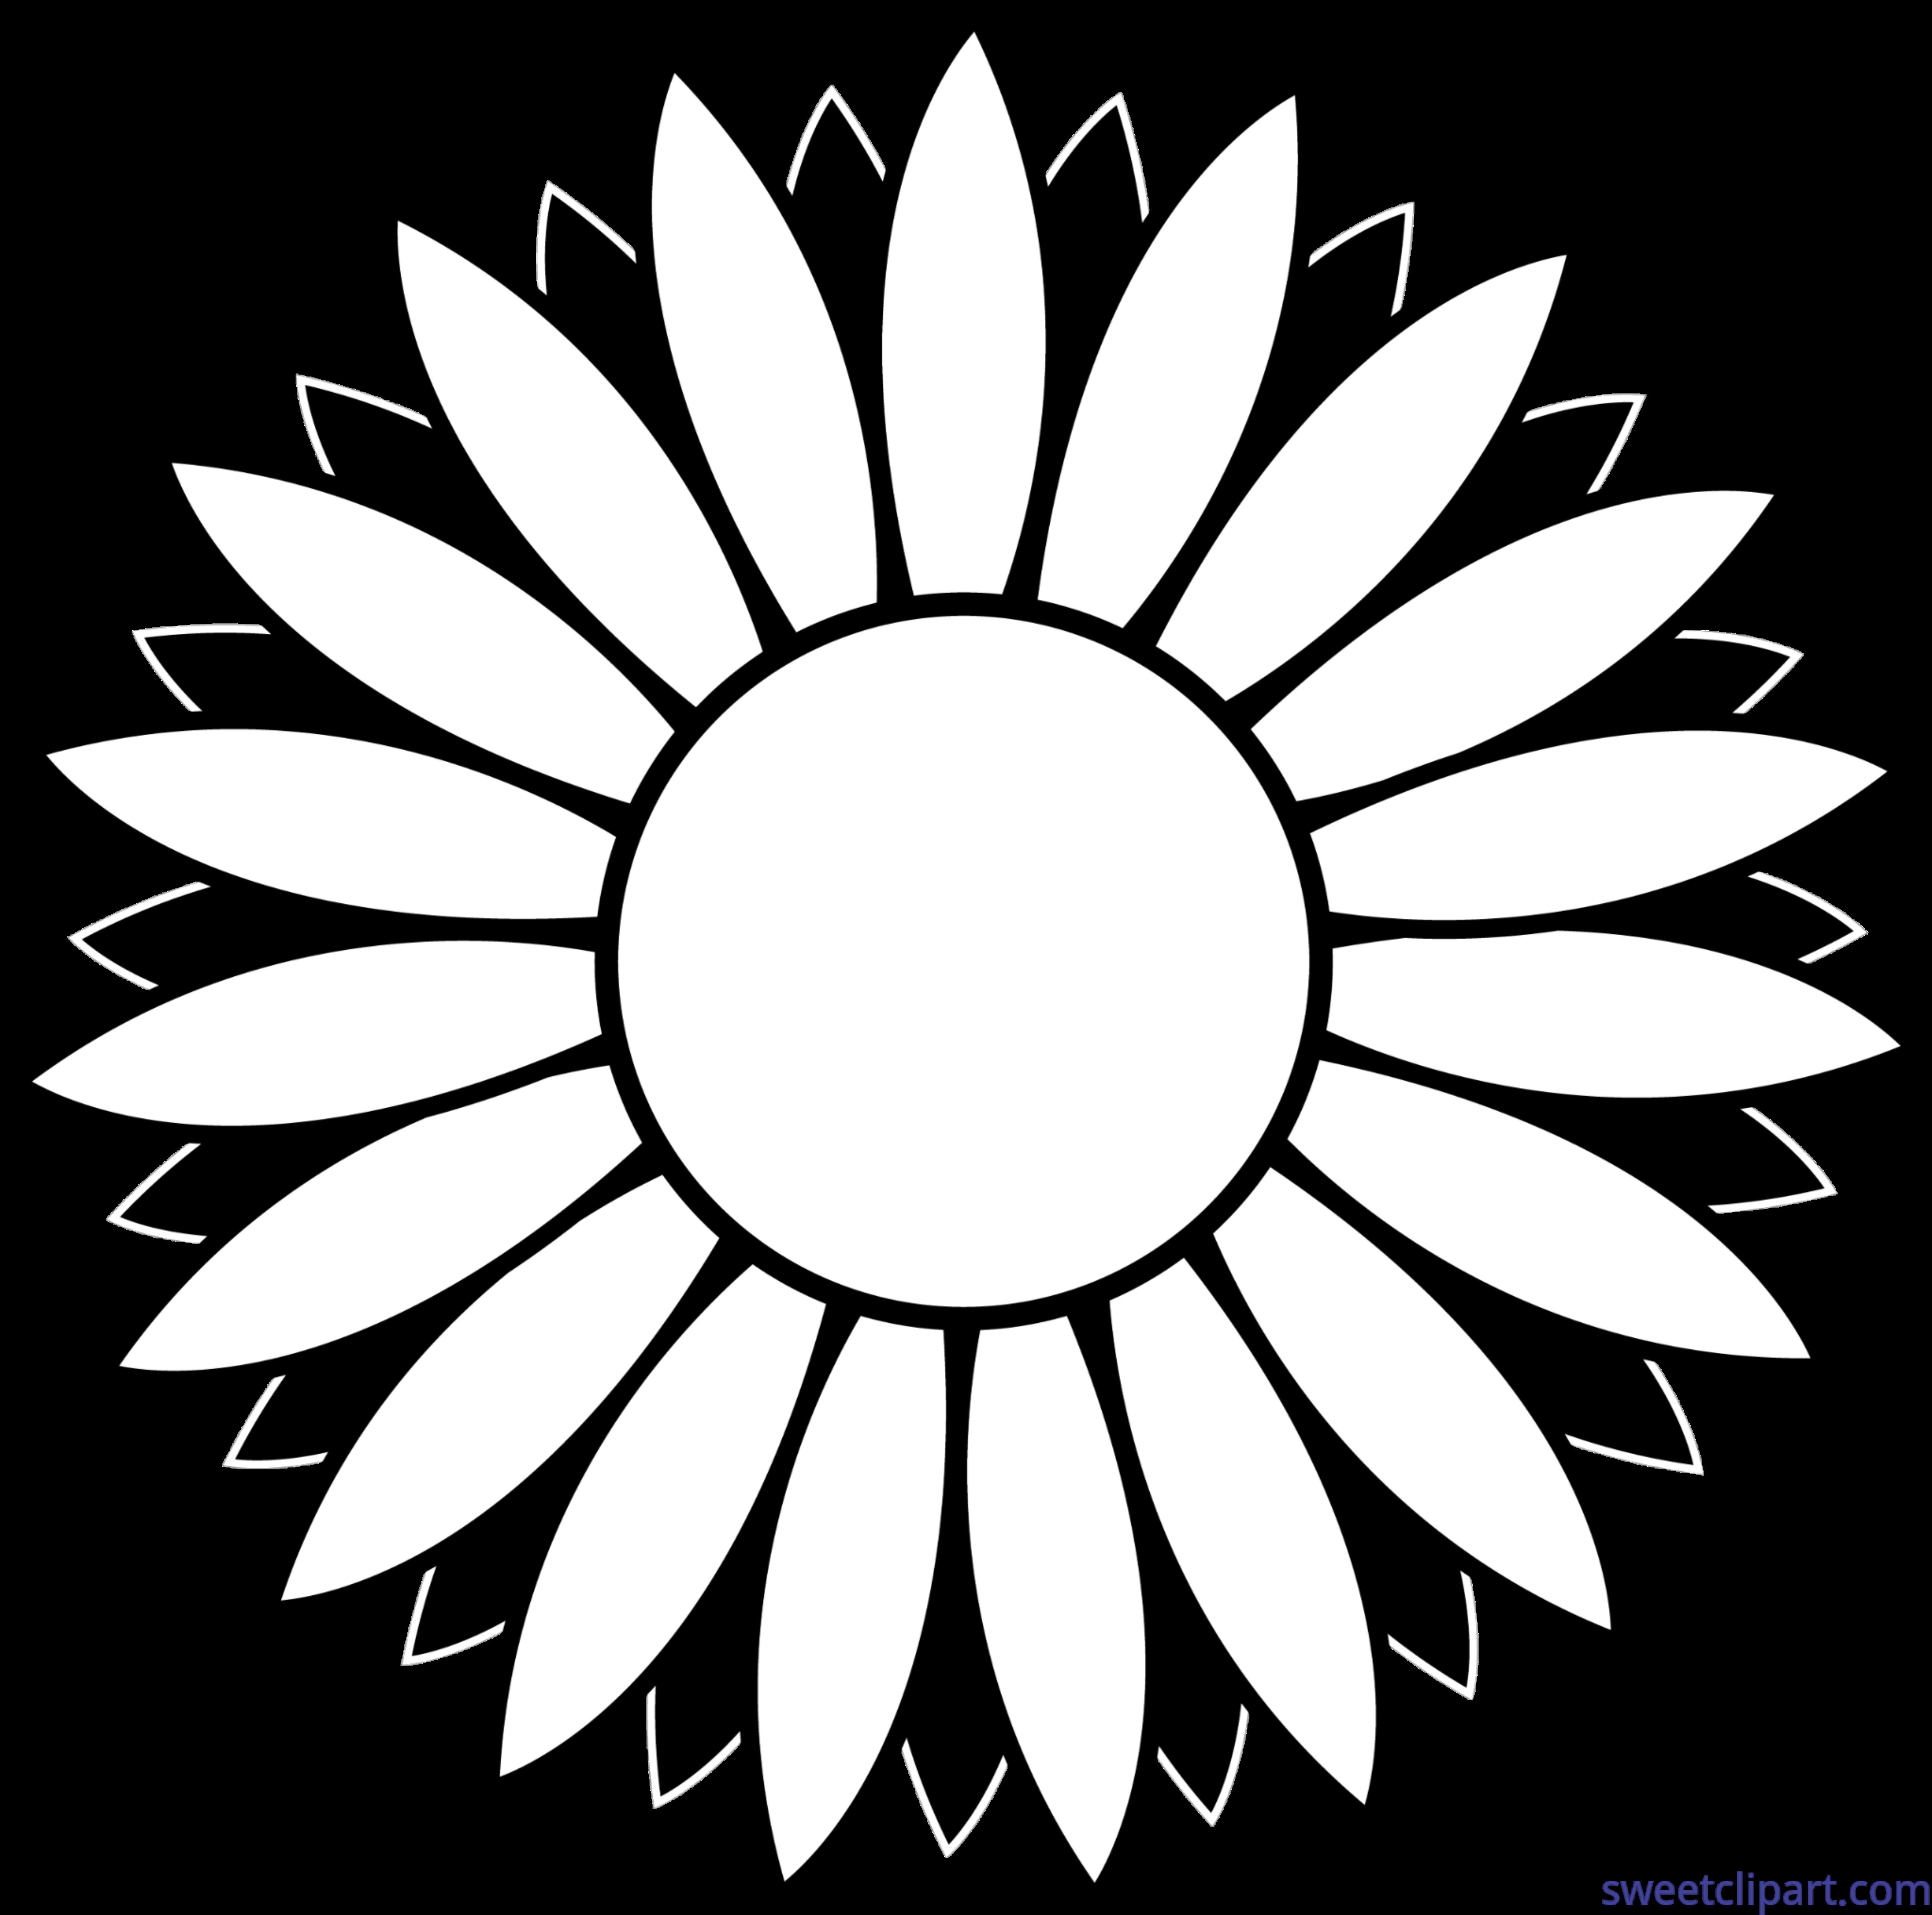 Flower Sunflower Black And White Lineart Clip Art - Sweet Clip Art for Clipart Sunflower Black And White  67qdu